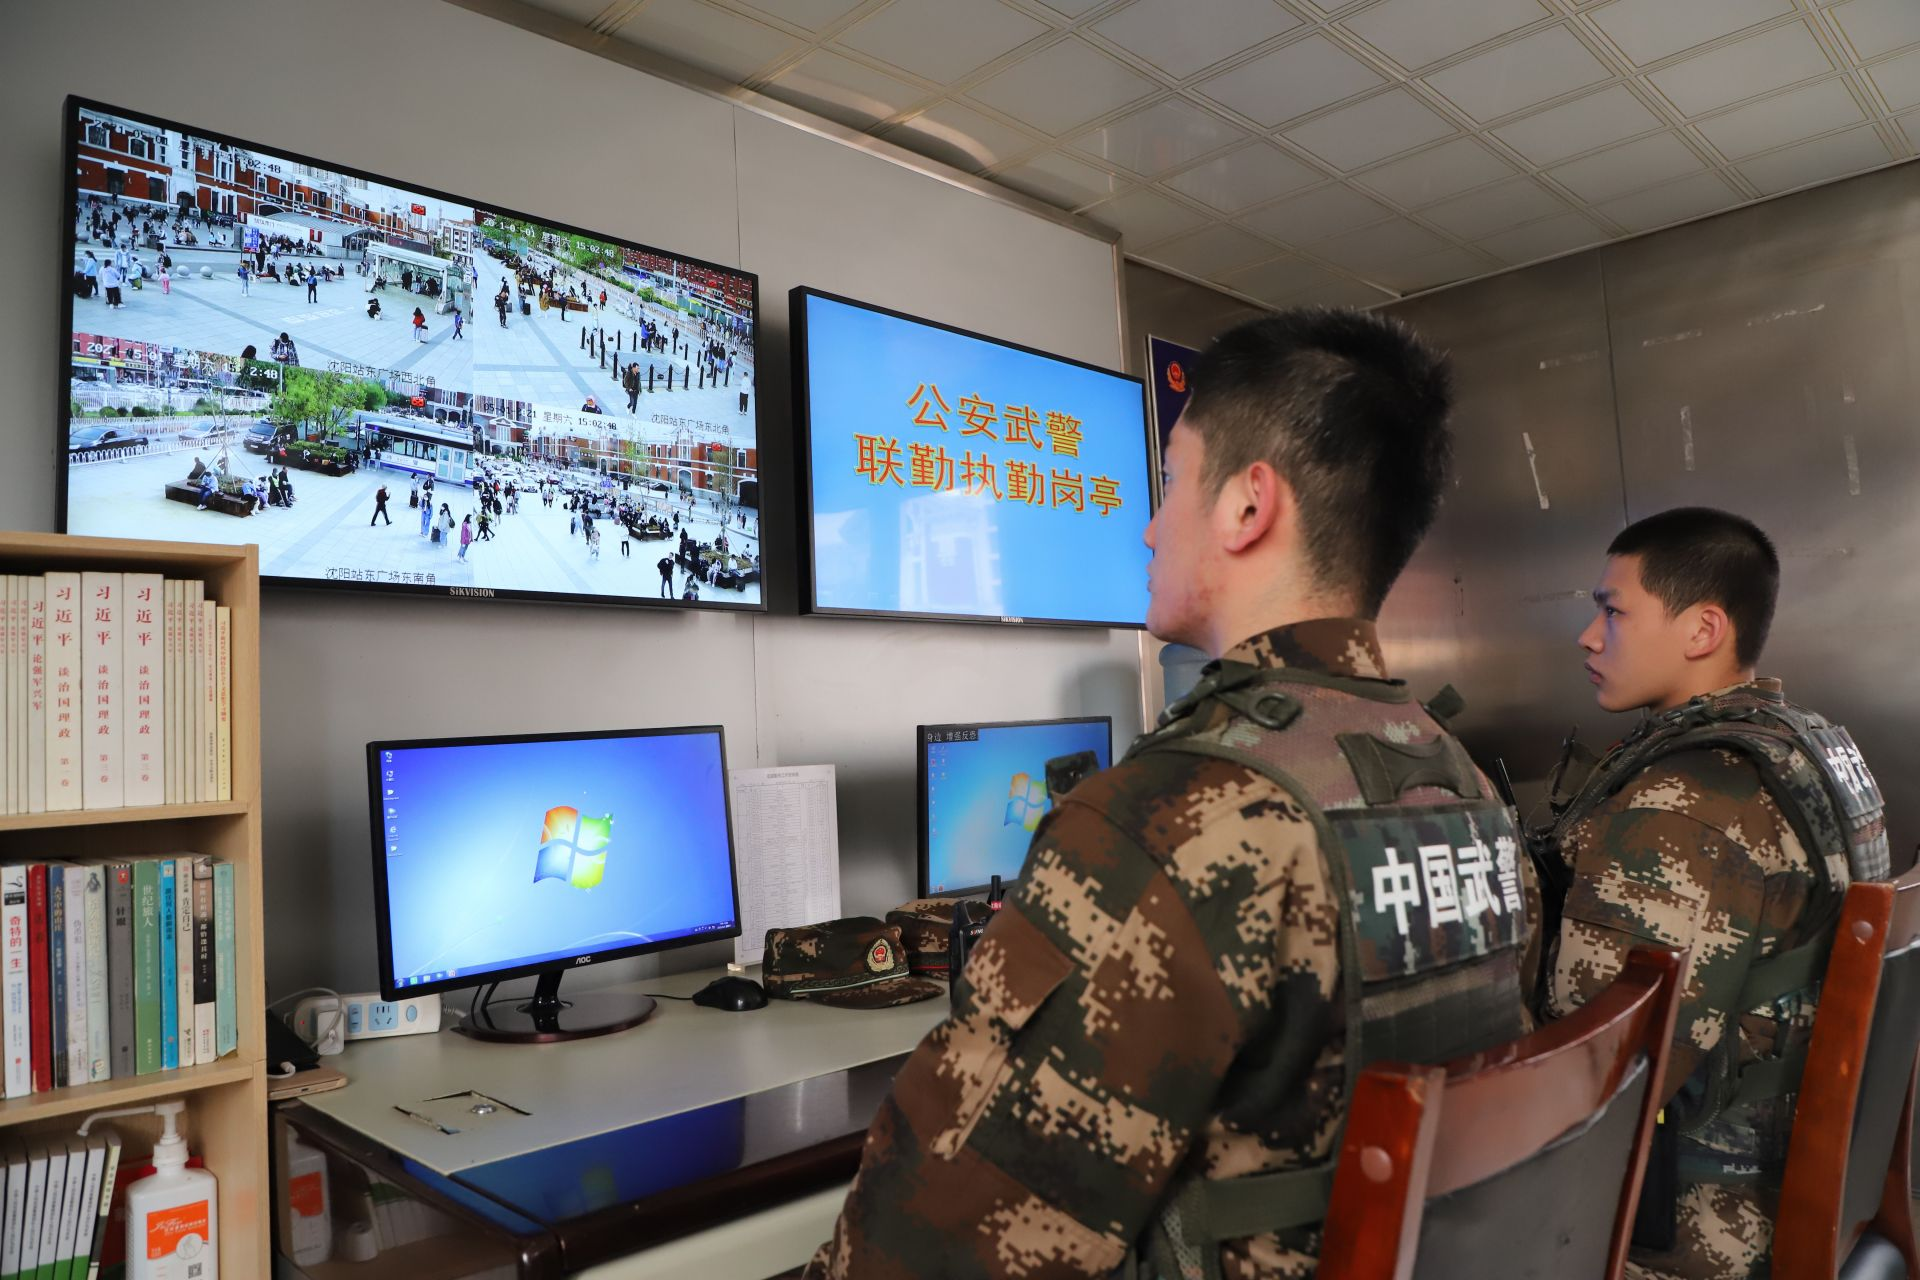 五一小长假 武警沈阳支队官兵全时坚守战位保安全插图(1)